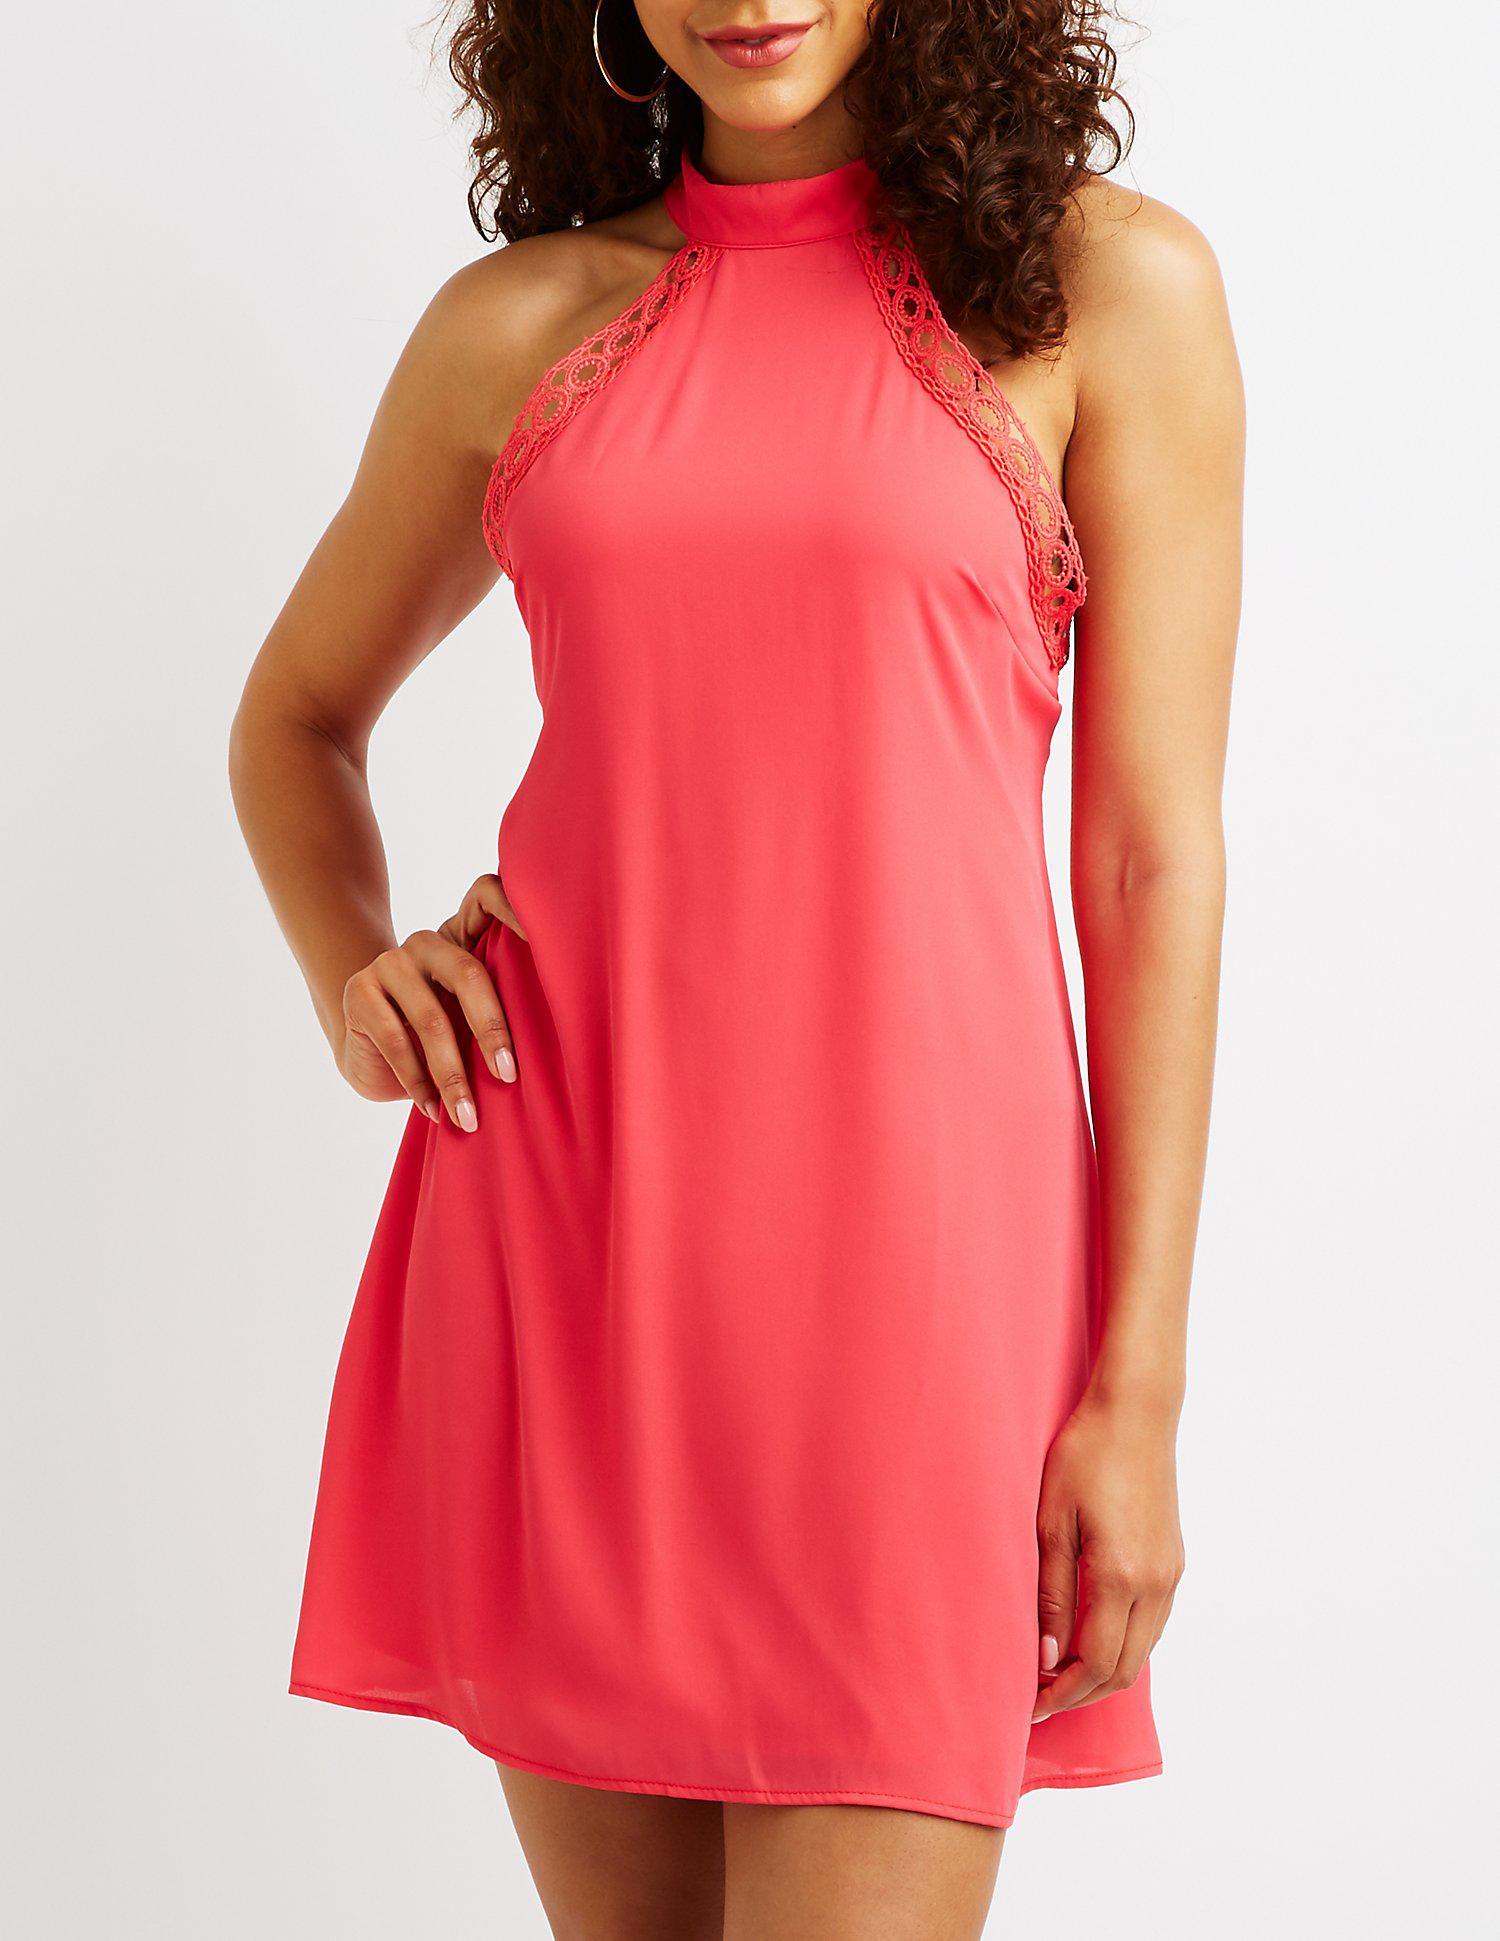 91cd8f790b Lyst - Charlotte Russe Mock Neck Crochet Dress in Orange